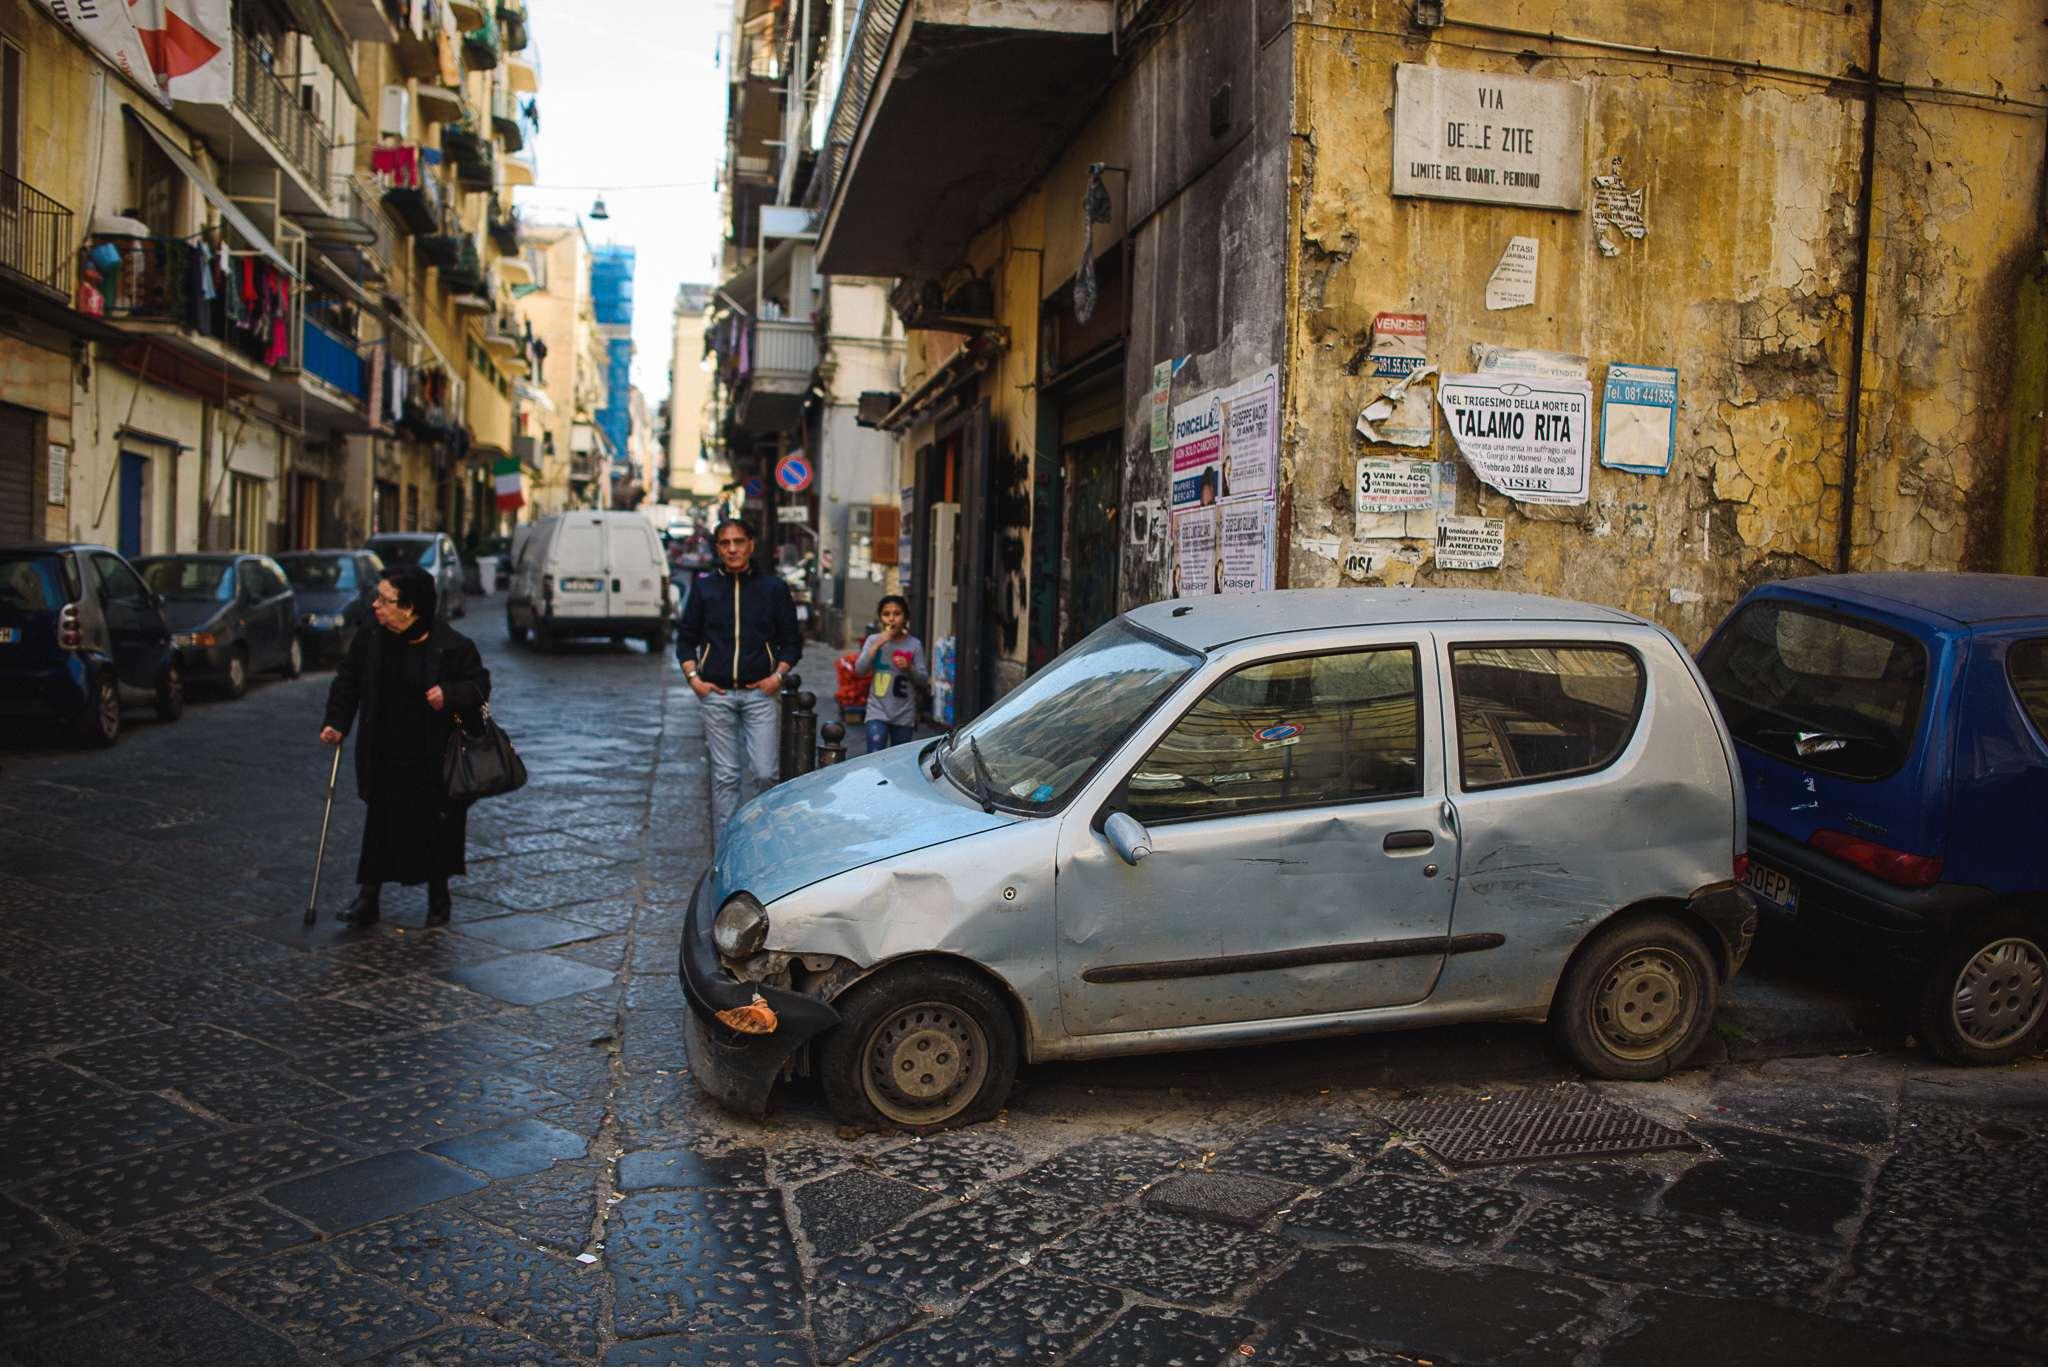 Interrail Reise - Italien Neapel - Geschichten von unterwegs - Foto Daniel Kempf-Seifried-42